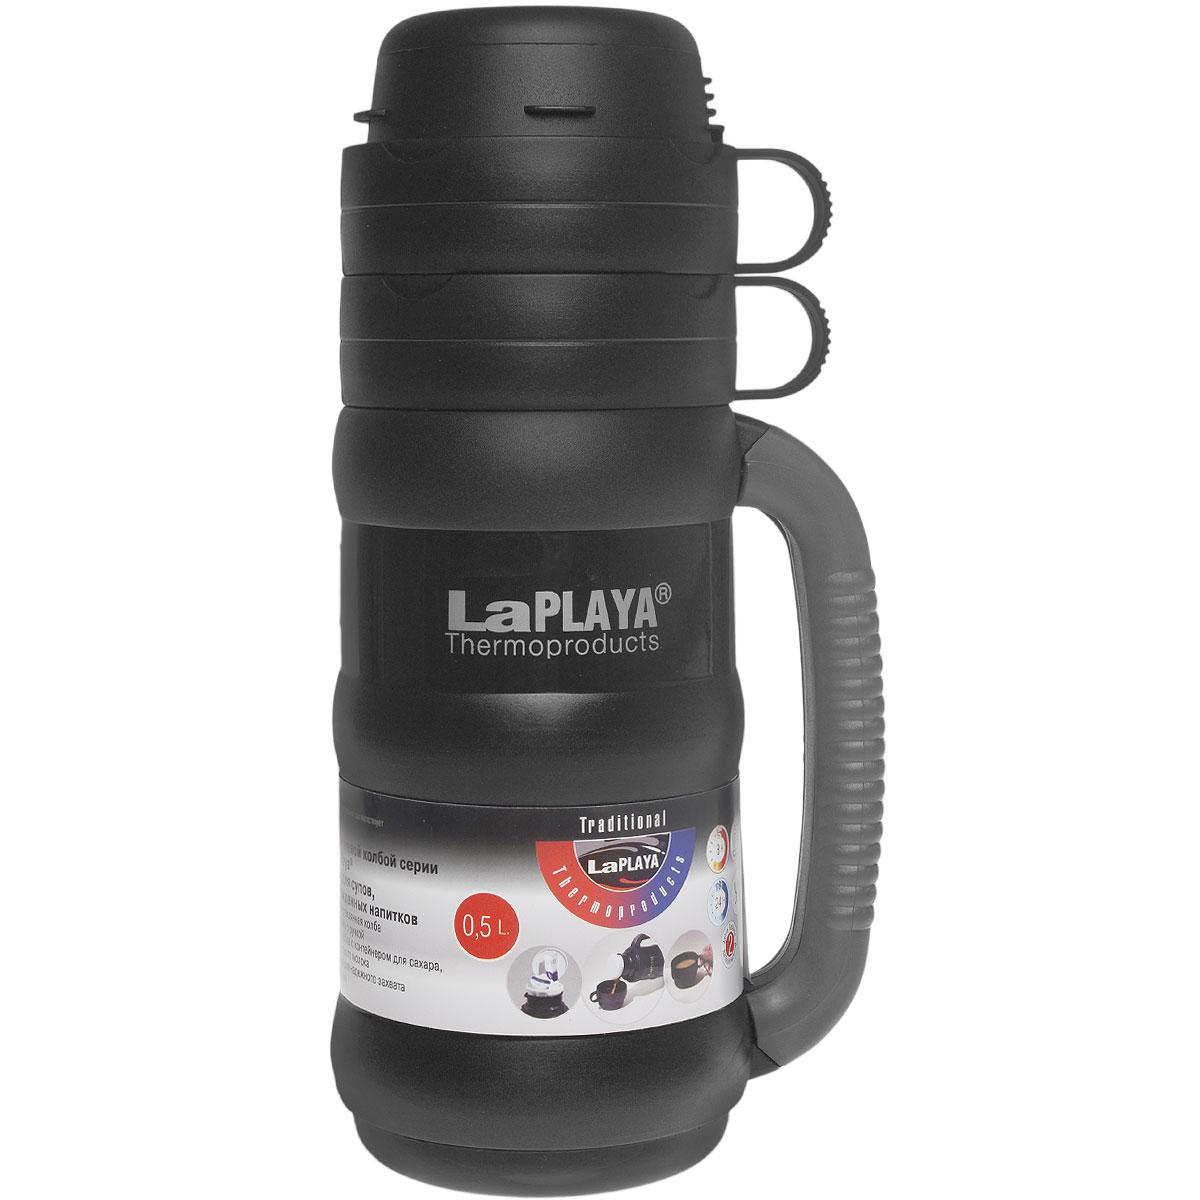 Термос LaPlaya Traditional 35, цвет: черный, 500 млVT-1520(SR)Термос со стеклянной колбой LaPlaya Traditional 35 предназначен для супов, горячих и охлажденных напитков.Особенности термоса:Прочная и надежная стеклянная колба.Полноразмерная чашка с ручкой.Завинчивающаяся пробка с контейнером для сахара, пакетика чая, кофе, сухого молока.Прорезиненная ручка для надежного захвата против выскальзывания.Высота термоса: 28 см.Диаметр термоса (без учета ручки): 10 см.Сохраняет тепло: 8 ч.Сохраняет холод: 24 ч.